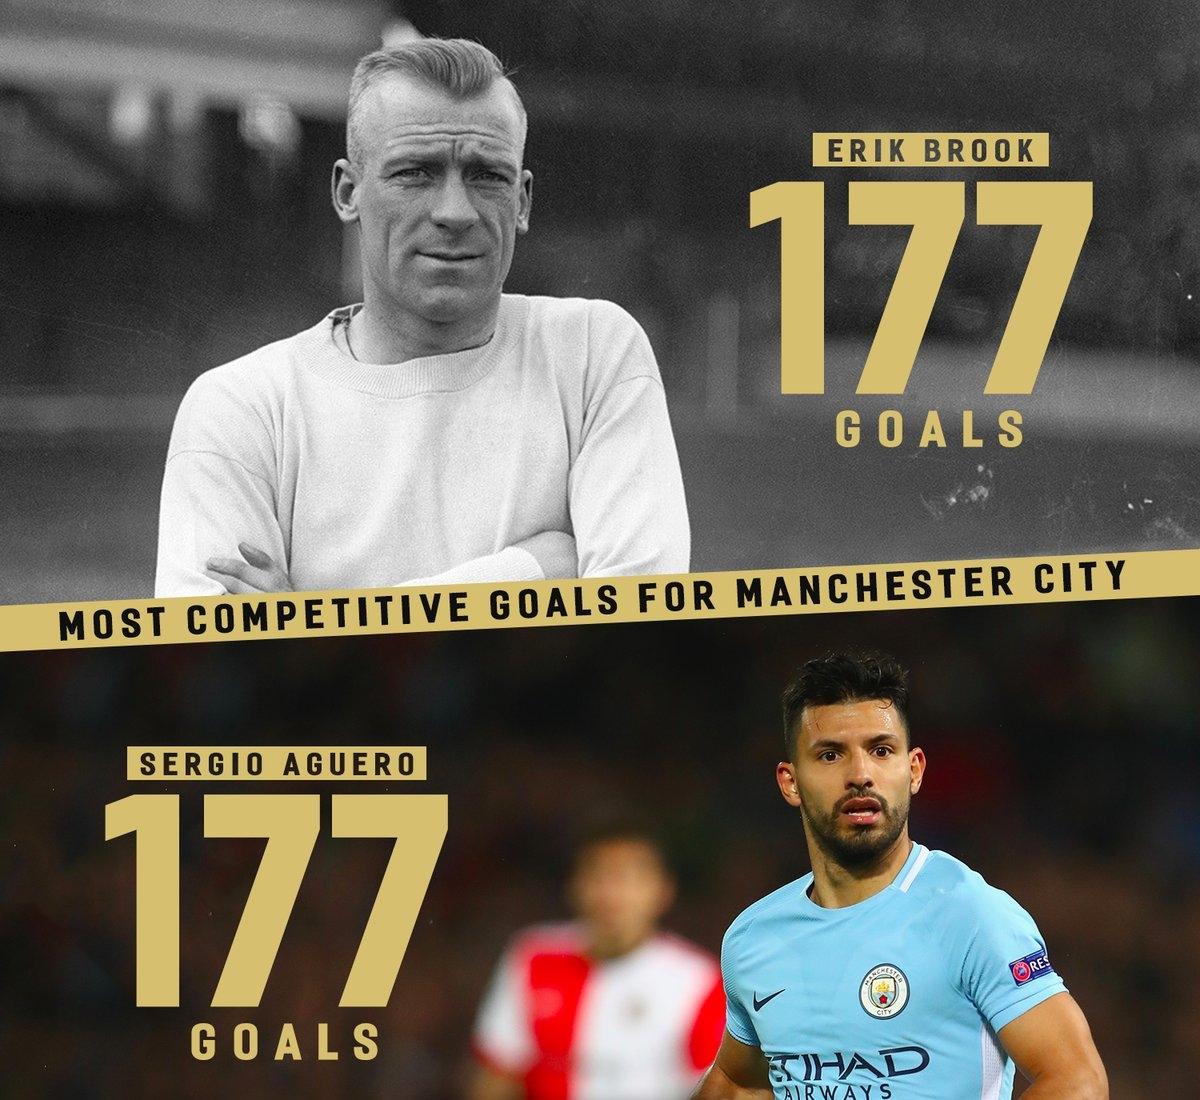 Sergio Aguero cán cột mốc LỊCH SỬ cho Man City